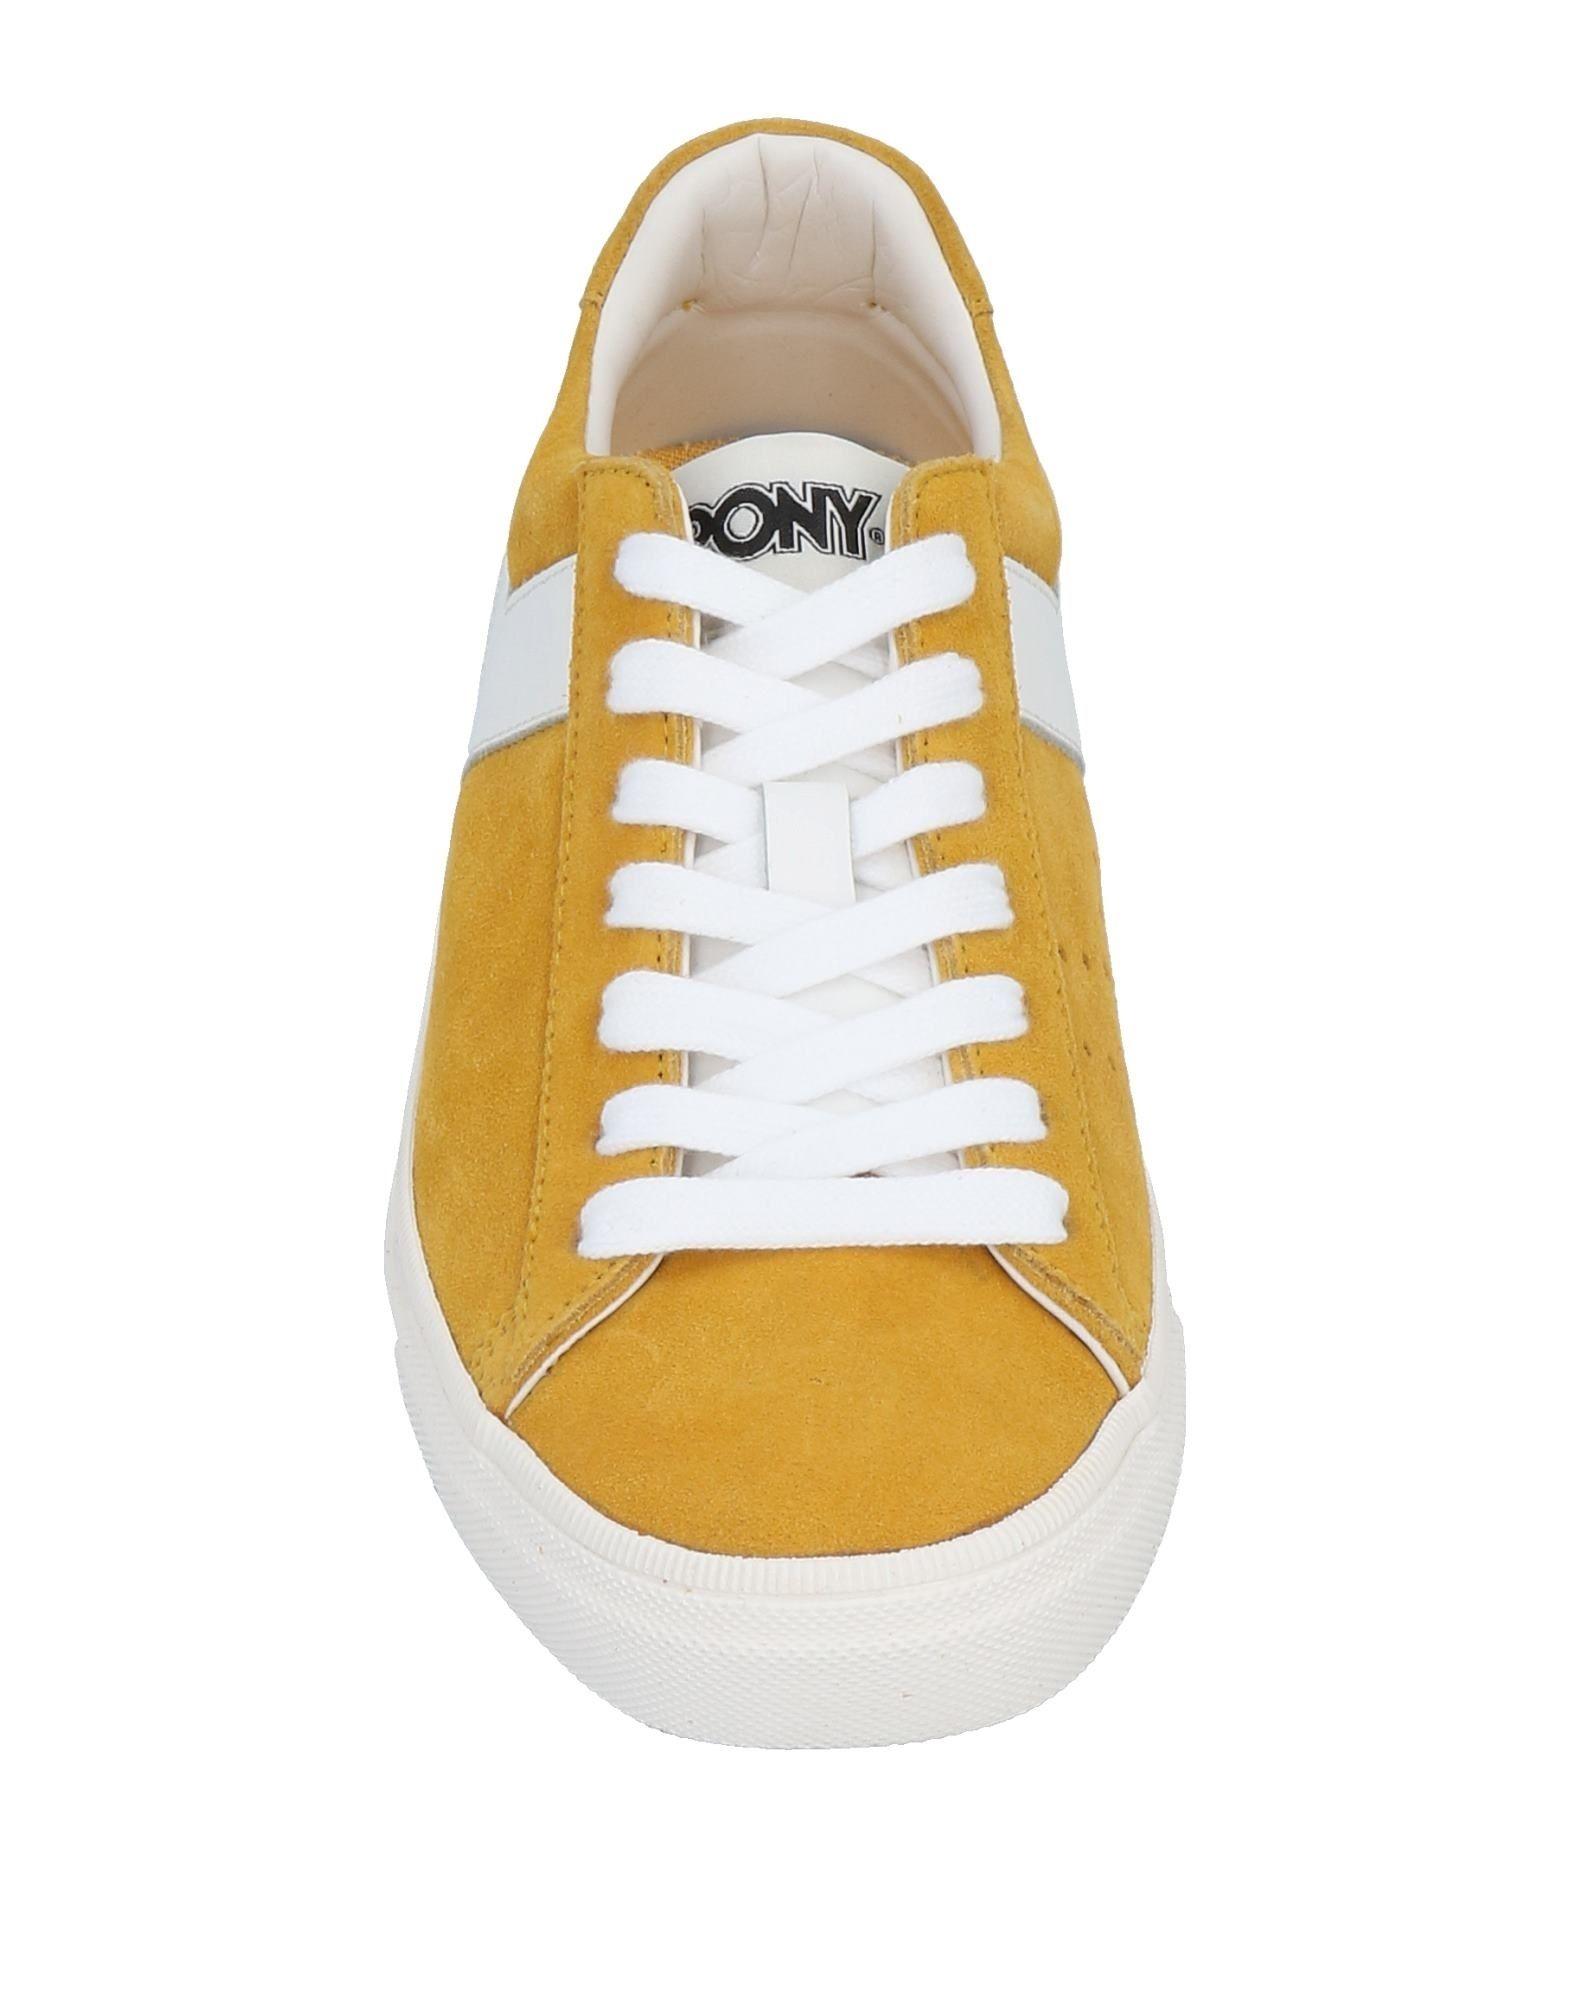 Pony  Sneakers Damen  11485063OR  Pony 20b481